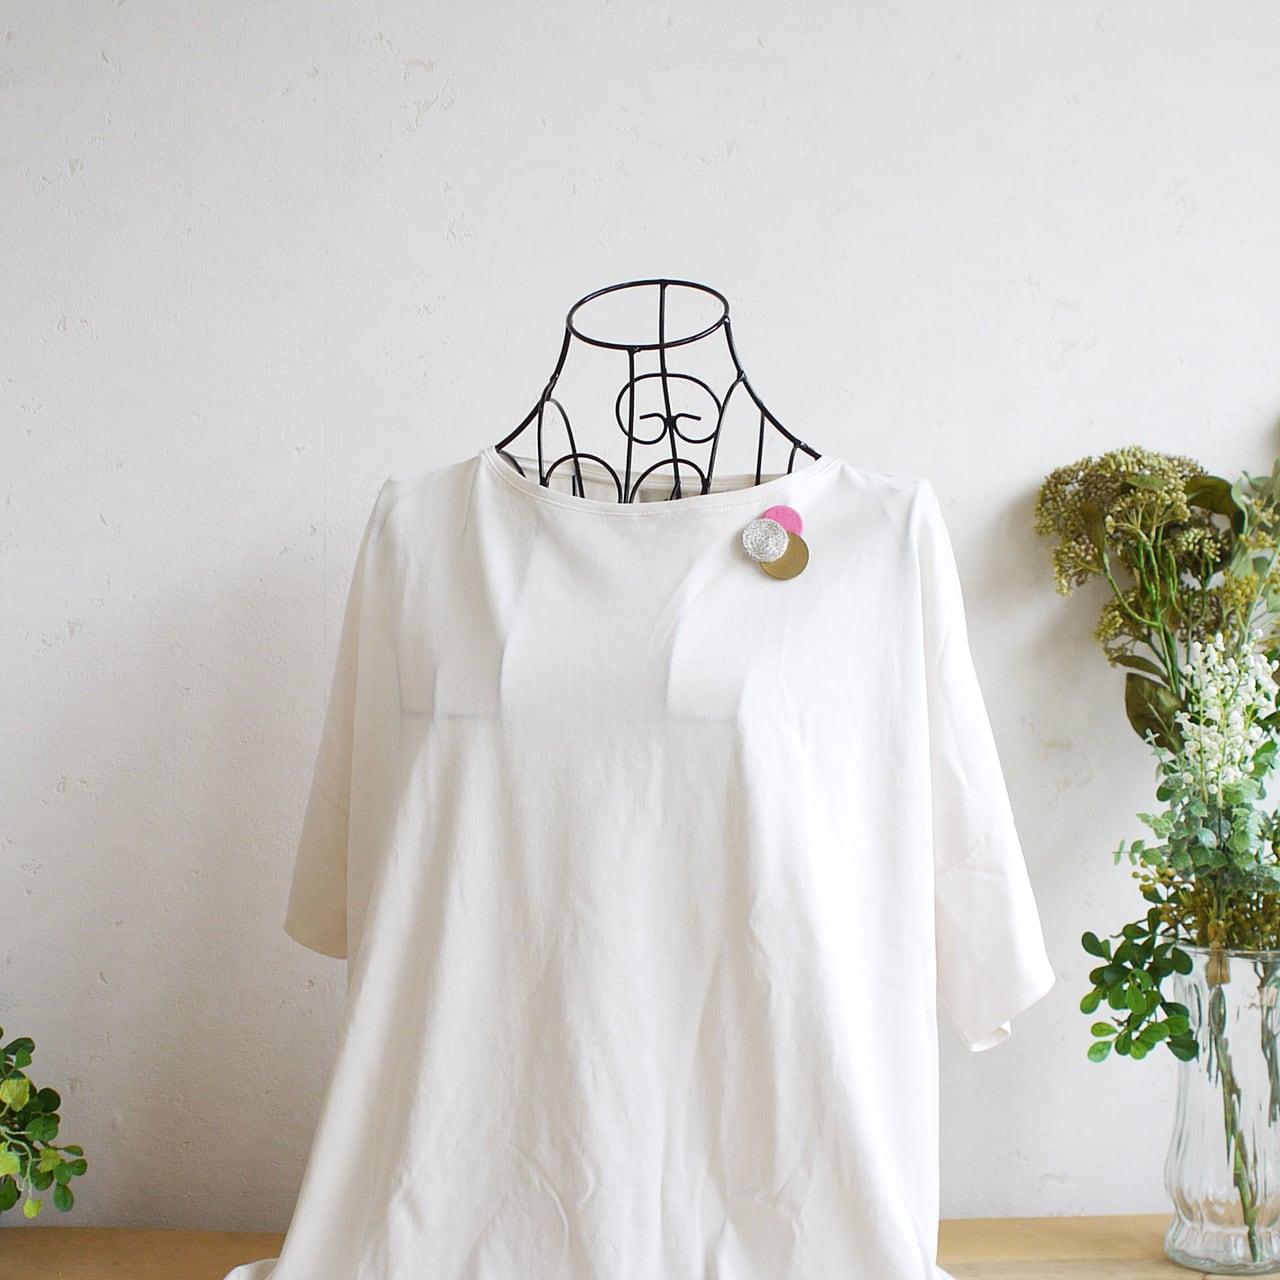 どんなお洋服にも似合う!シンプルフォルム 糸&真鍮&麻のブローチ〈 Dots 〉Yarn